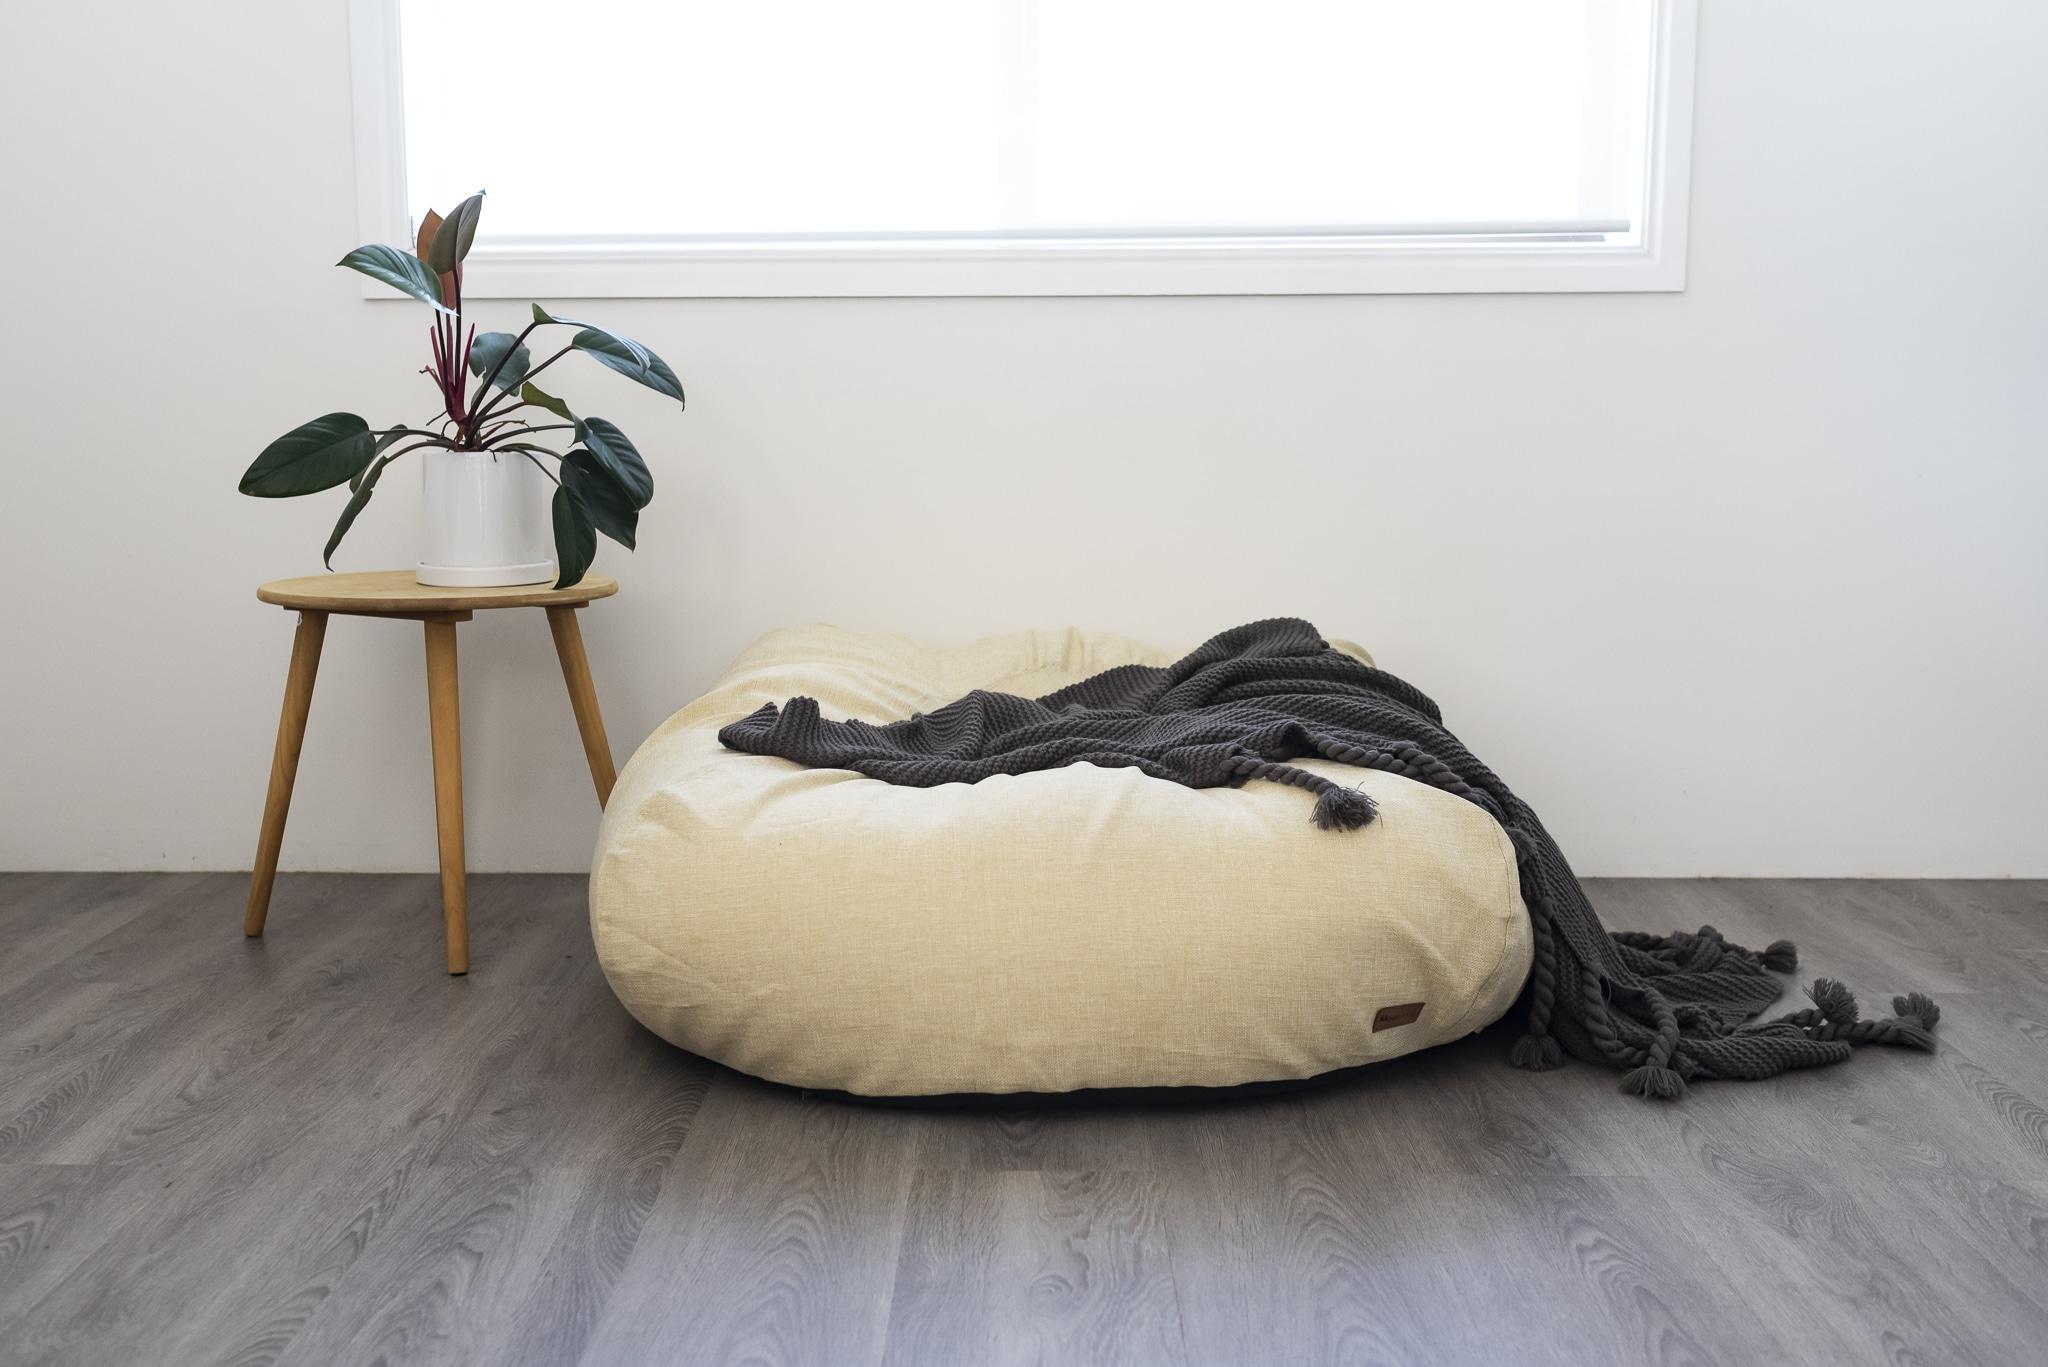 nat round mound on grey floor